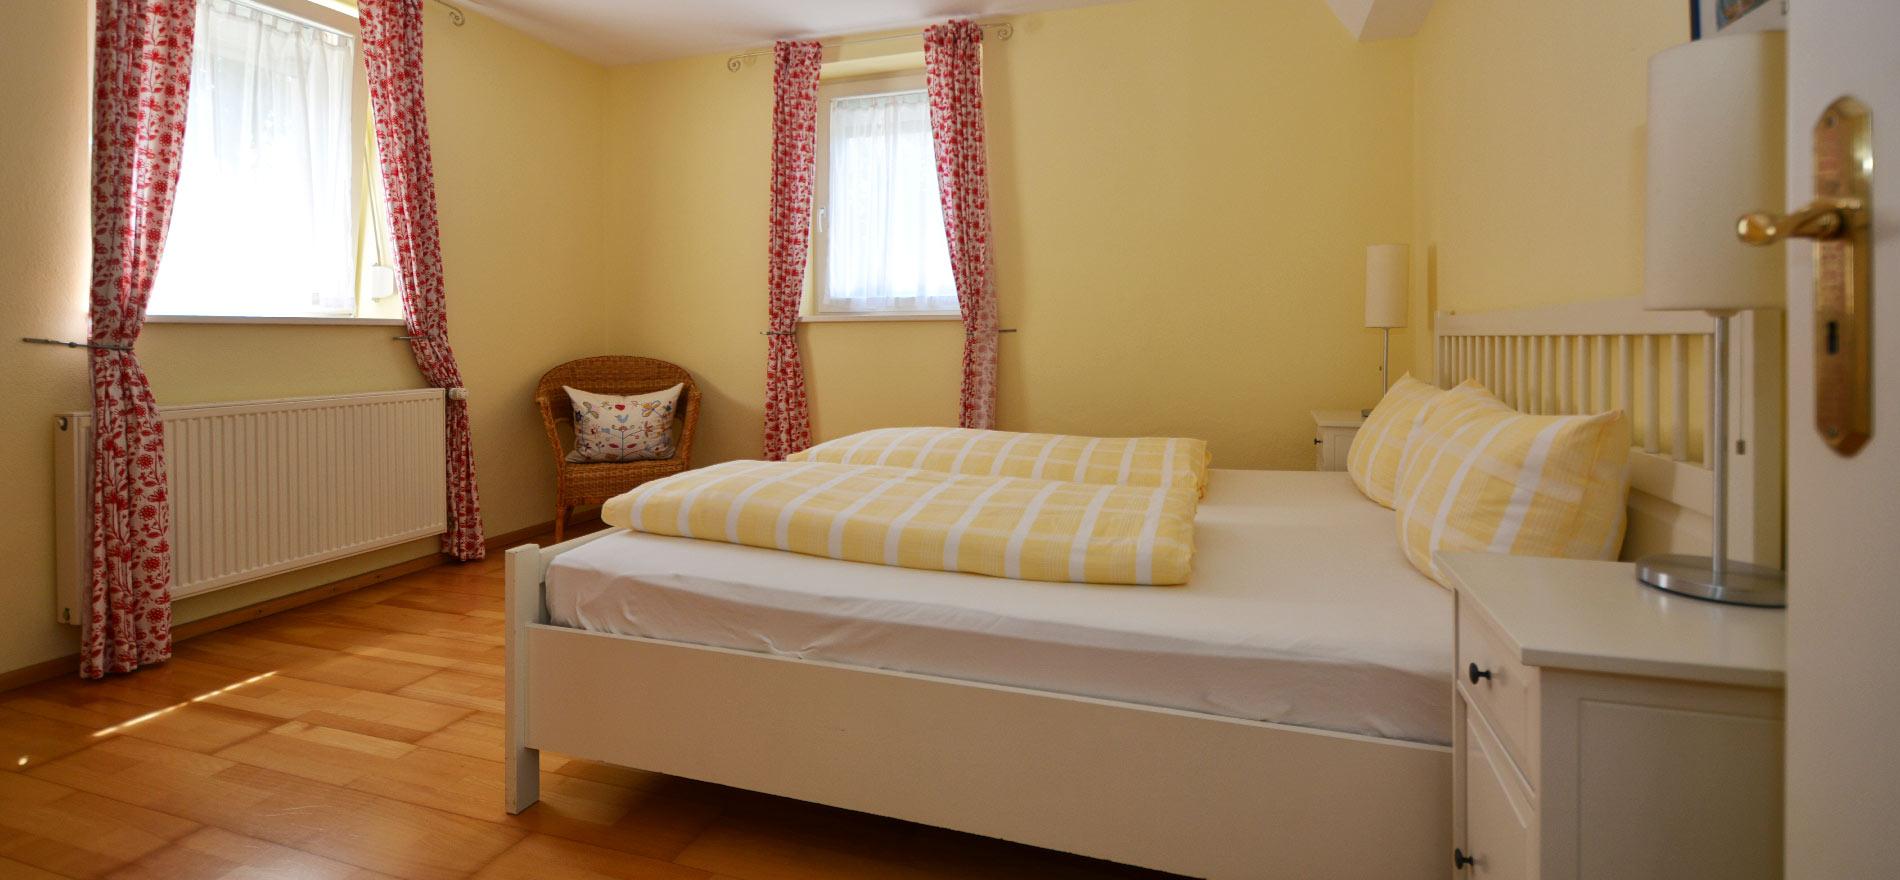 Ferienwohnung Pfarrhaus in Meersburg - Wohnung 1 7